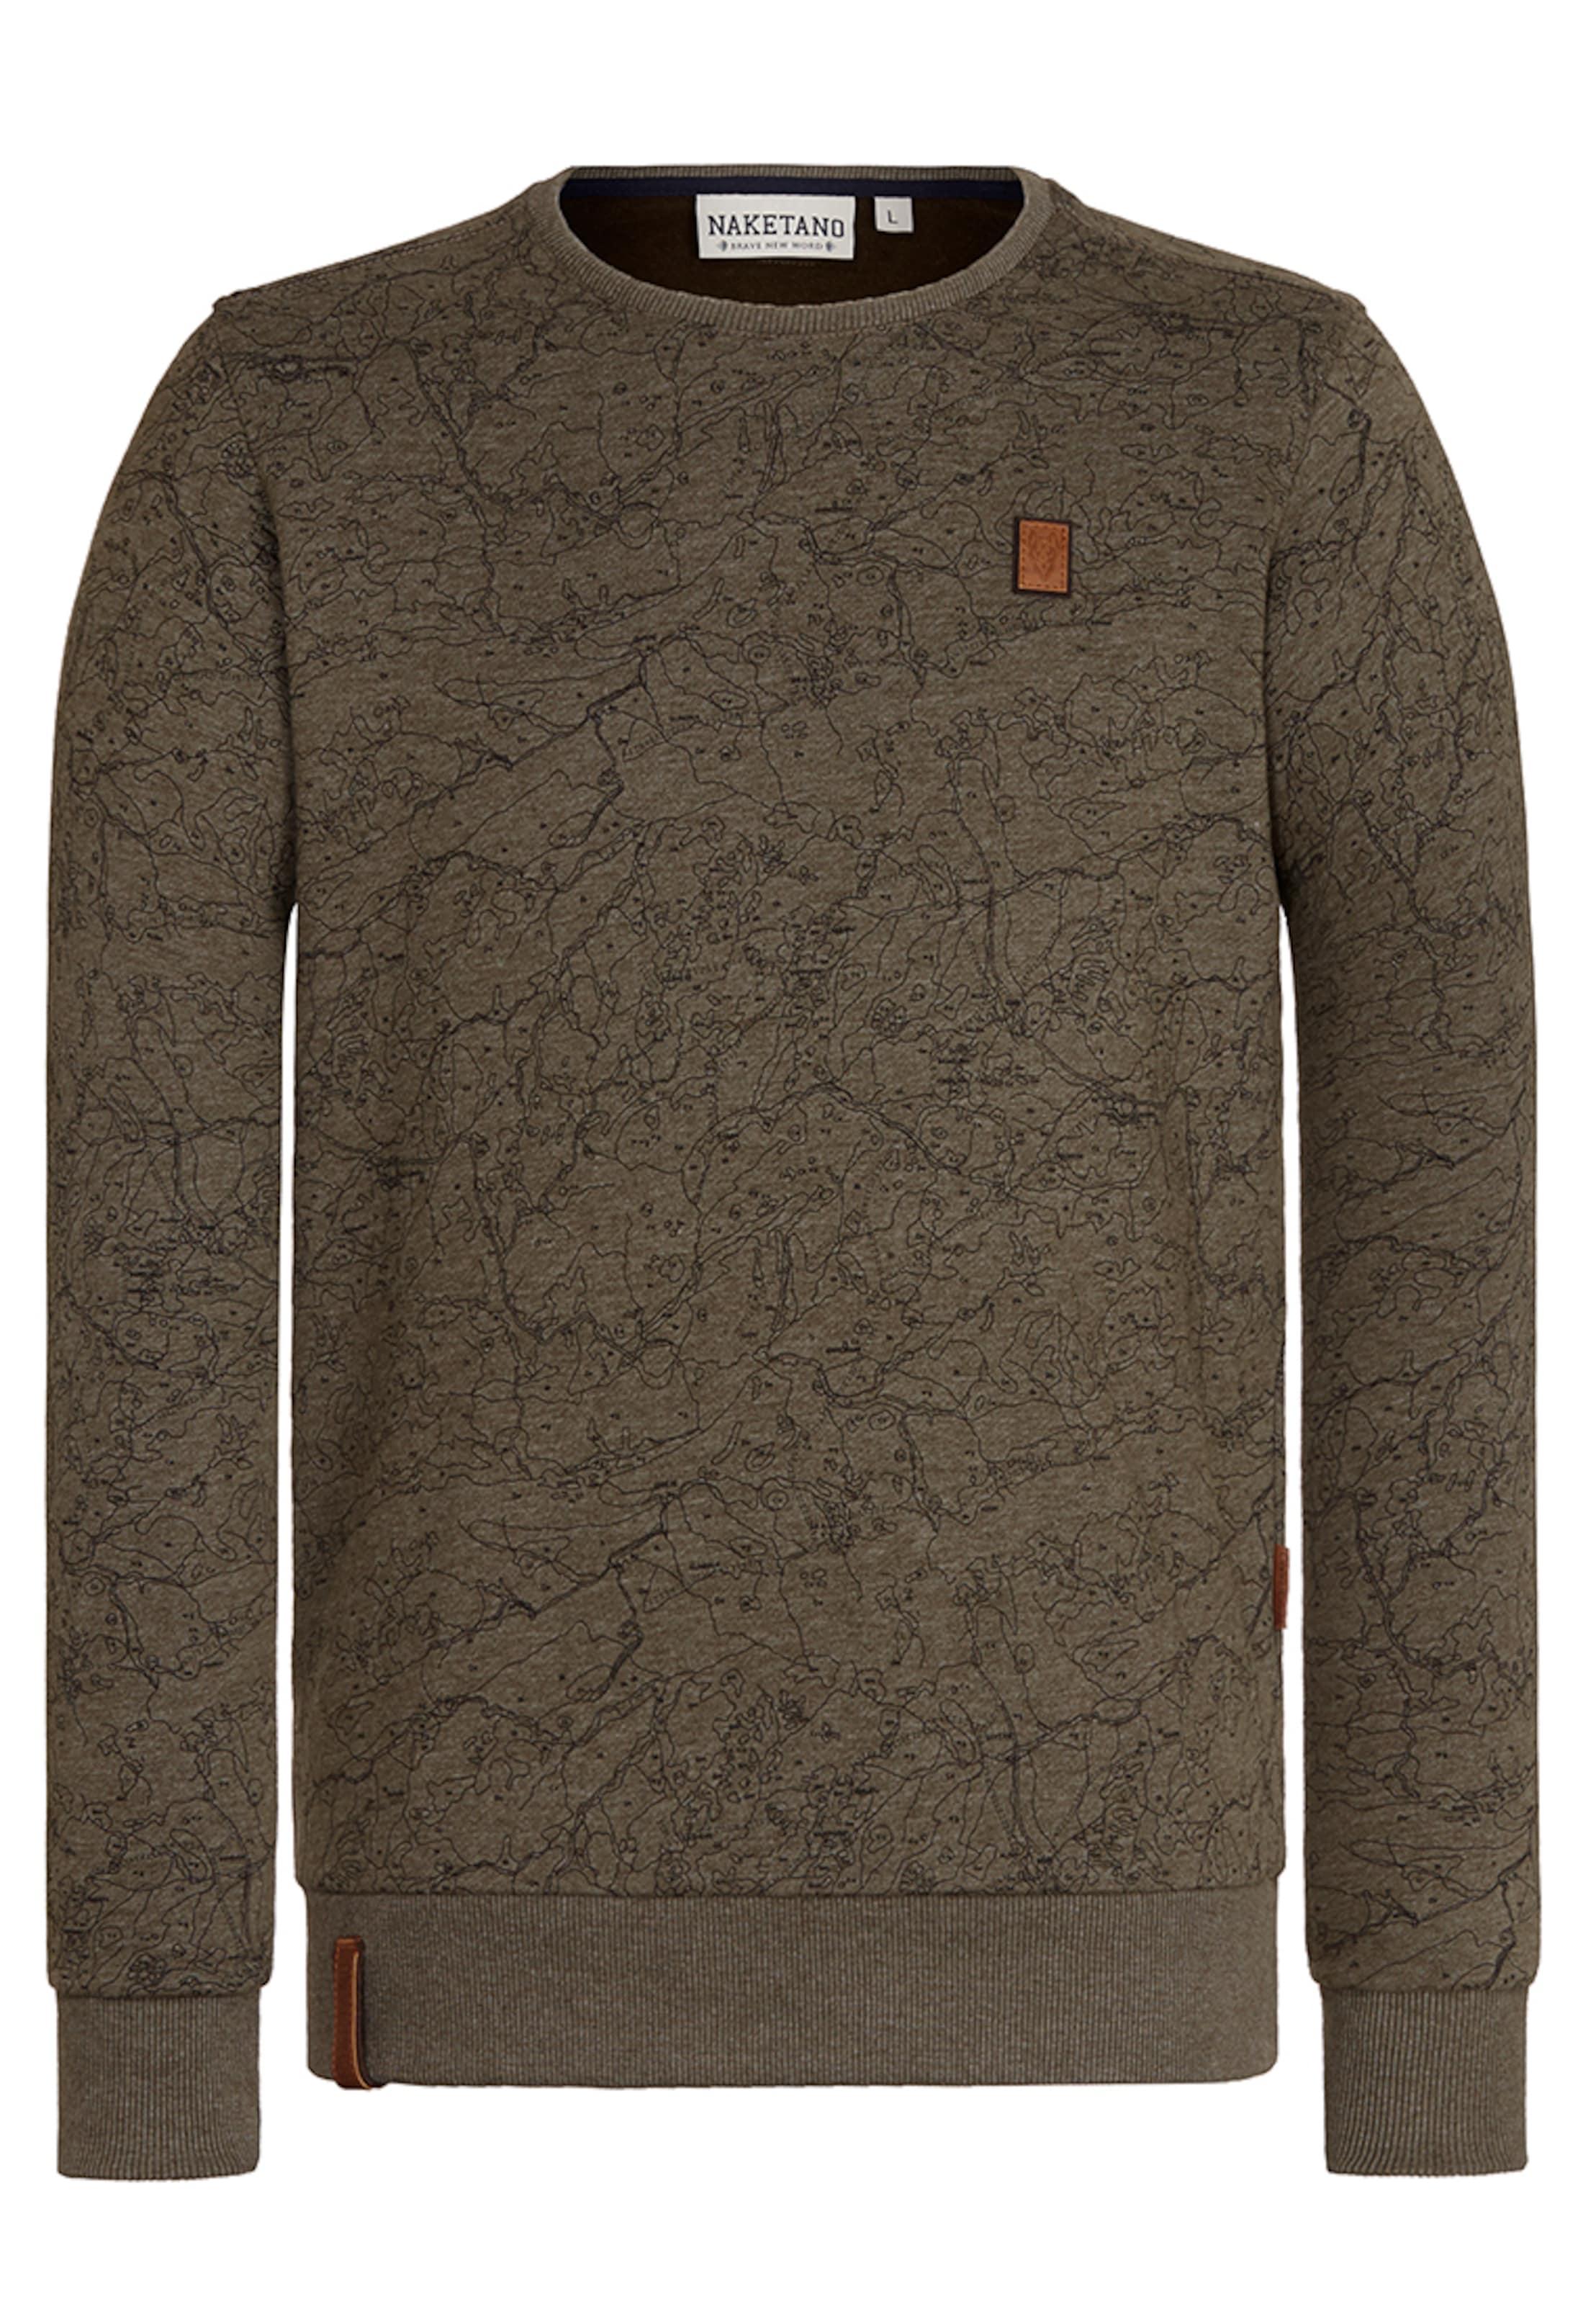 naketano Male Sweatshirt Freies Verschiffen Heißen Verkauf Qualität Frei Für Verkauf Modestil Fabrikverkauf Starttermin Für Verkauf BZRhzQB